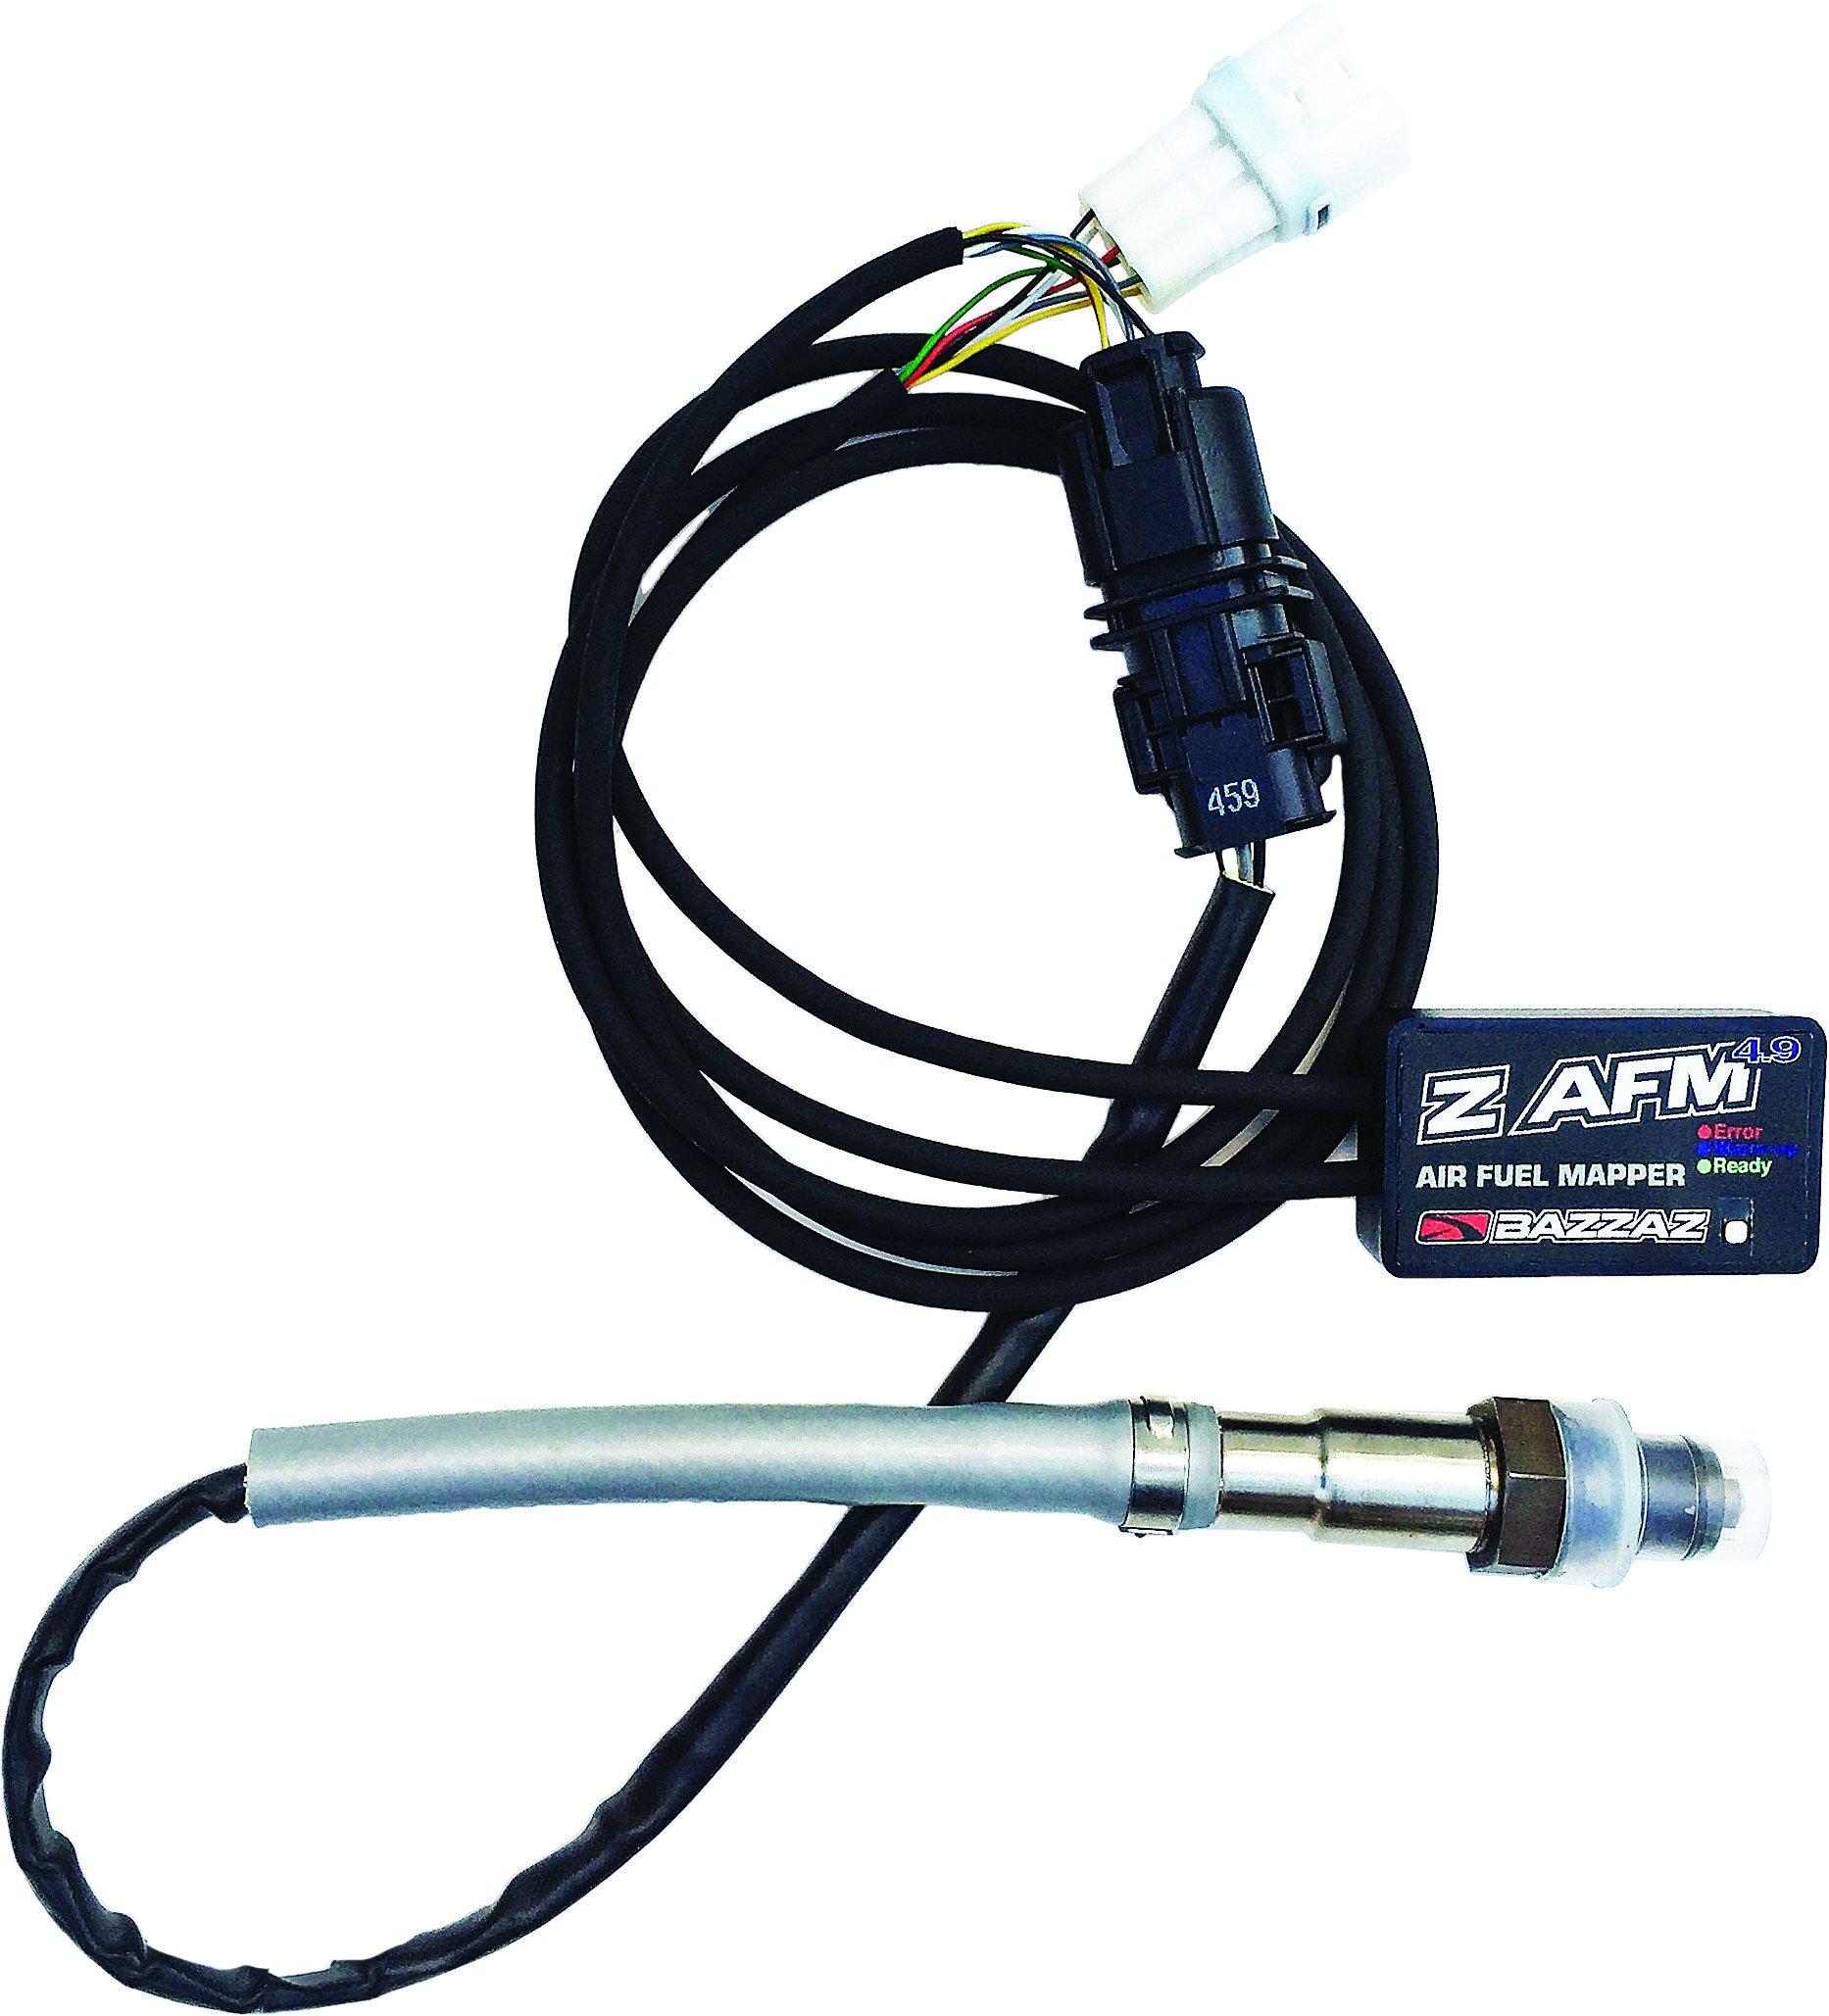 BAZZAZ Z-AFM 4.9 SELF MAP KIT 277-ZAFM49